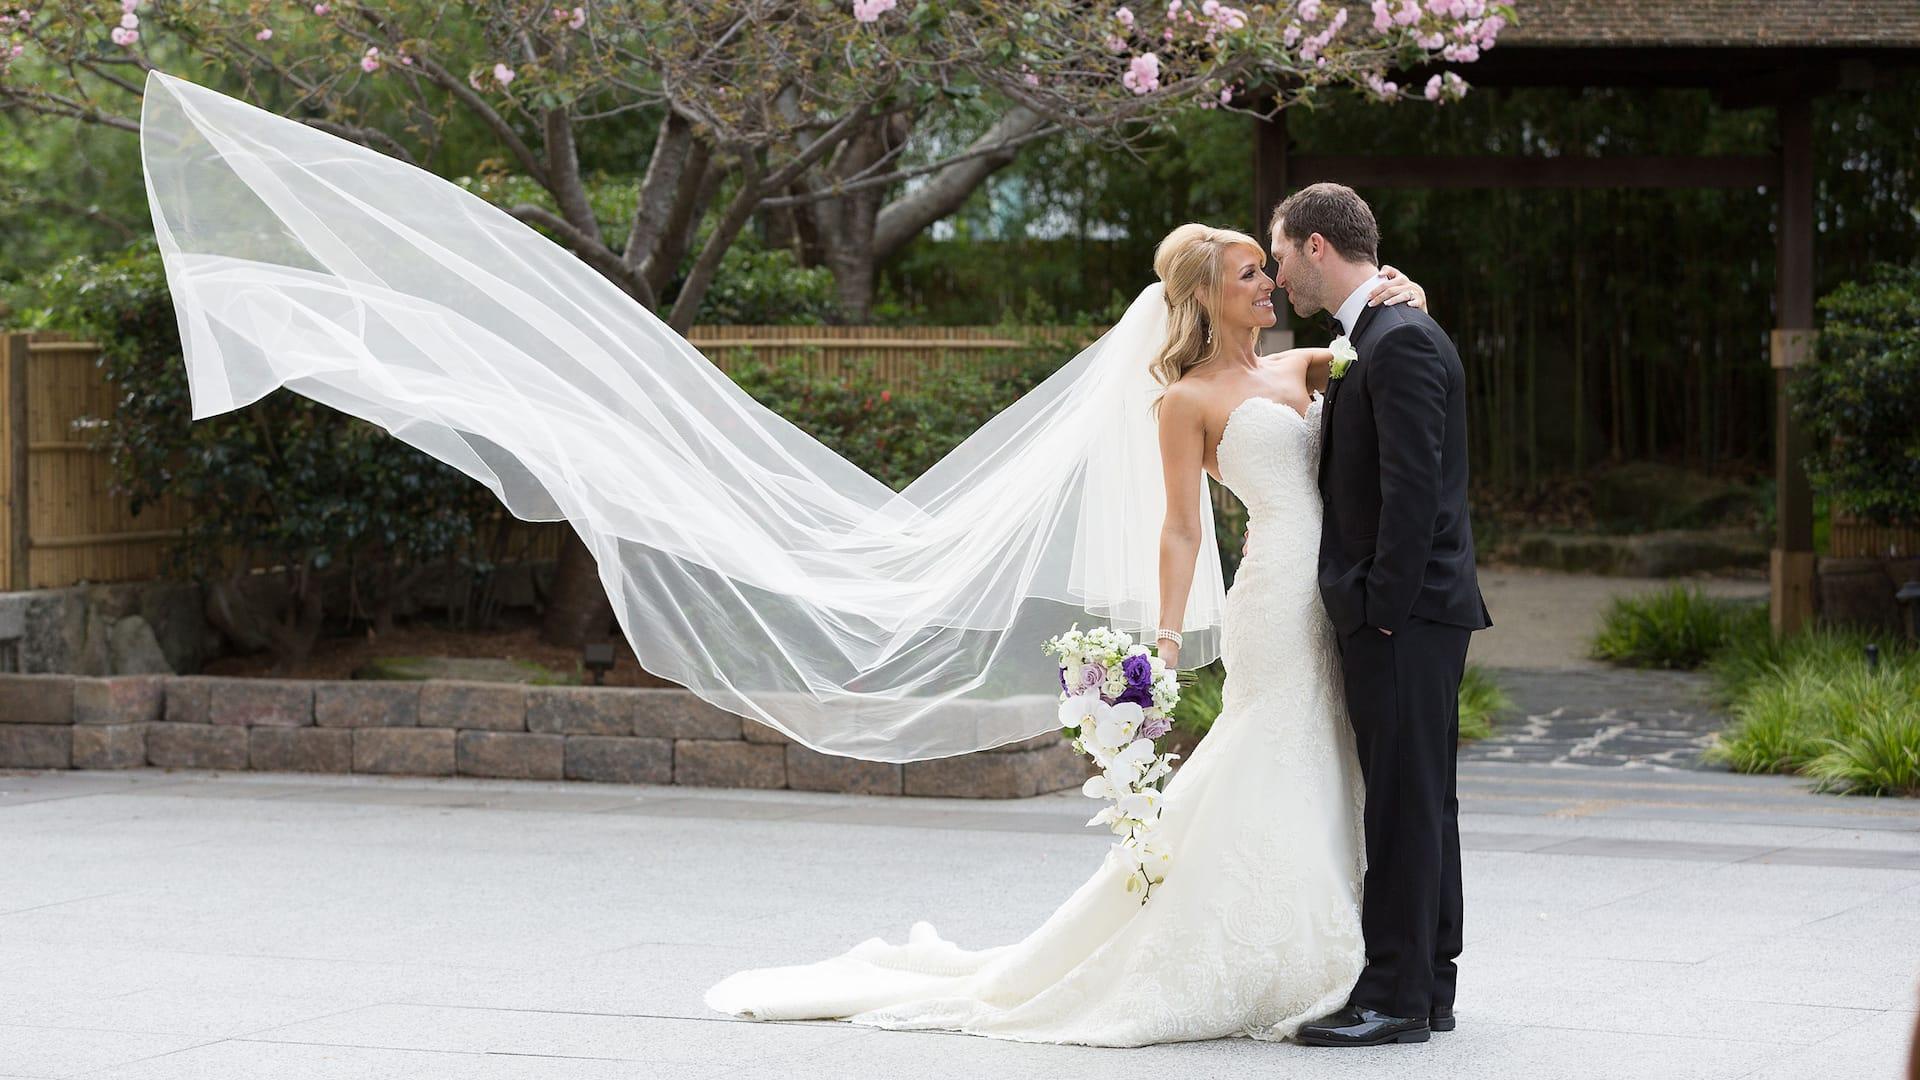 Outdoor Wedding Venue in Buckhead, Atlanta